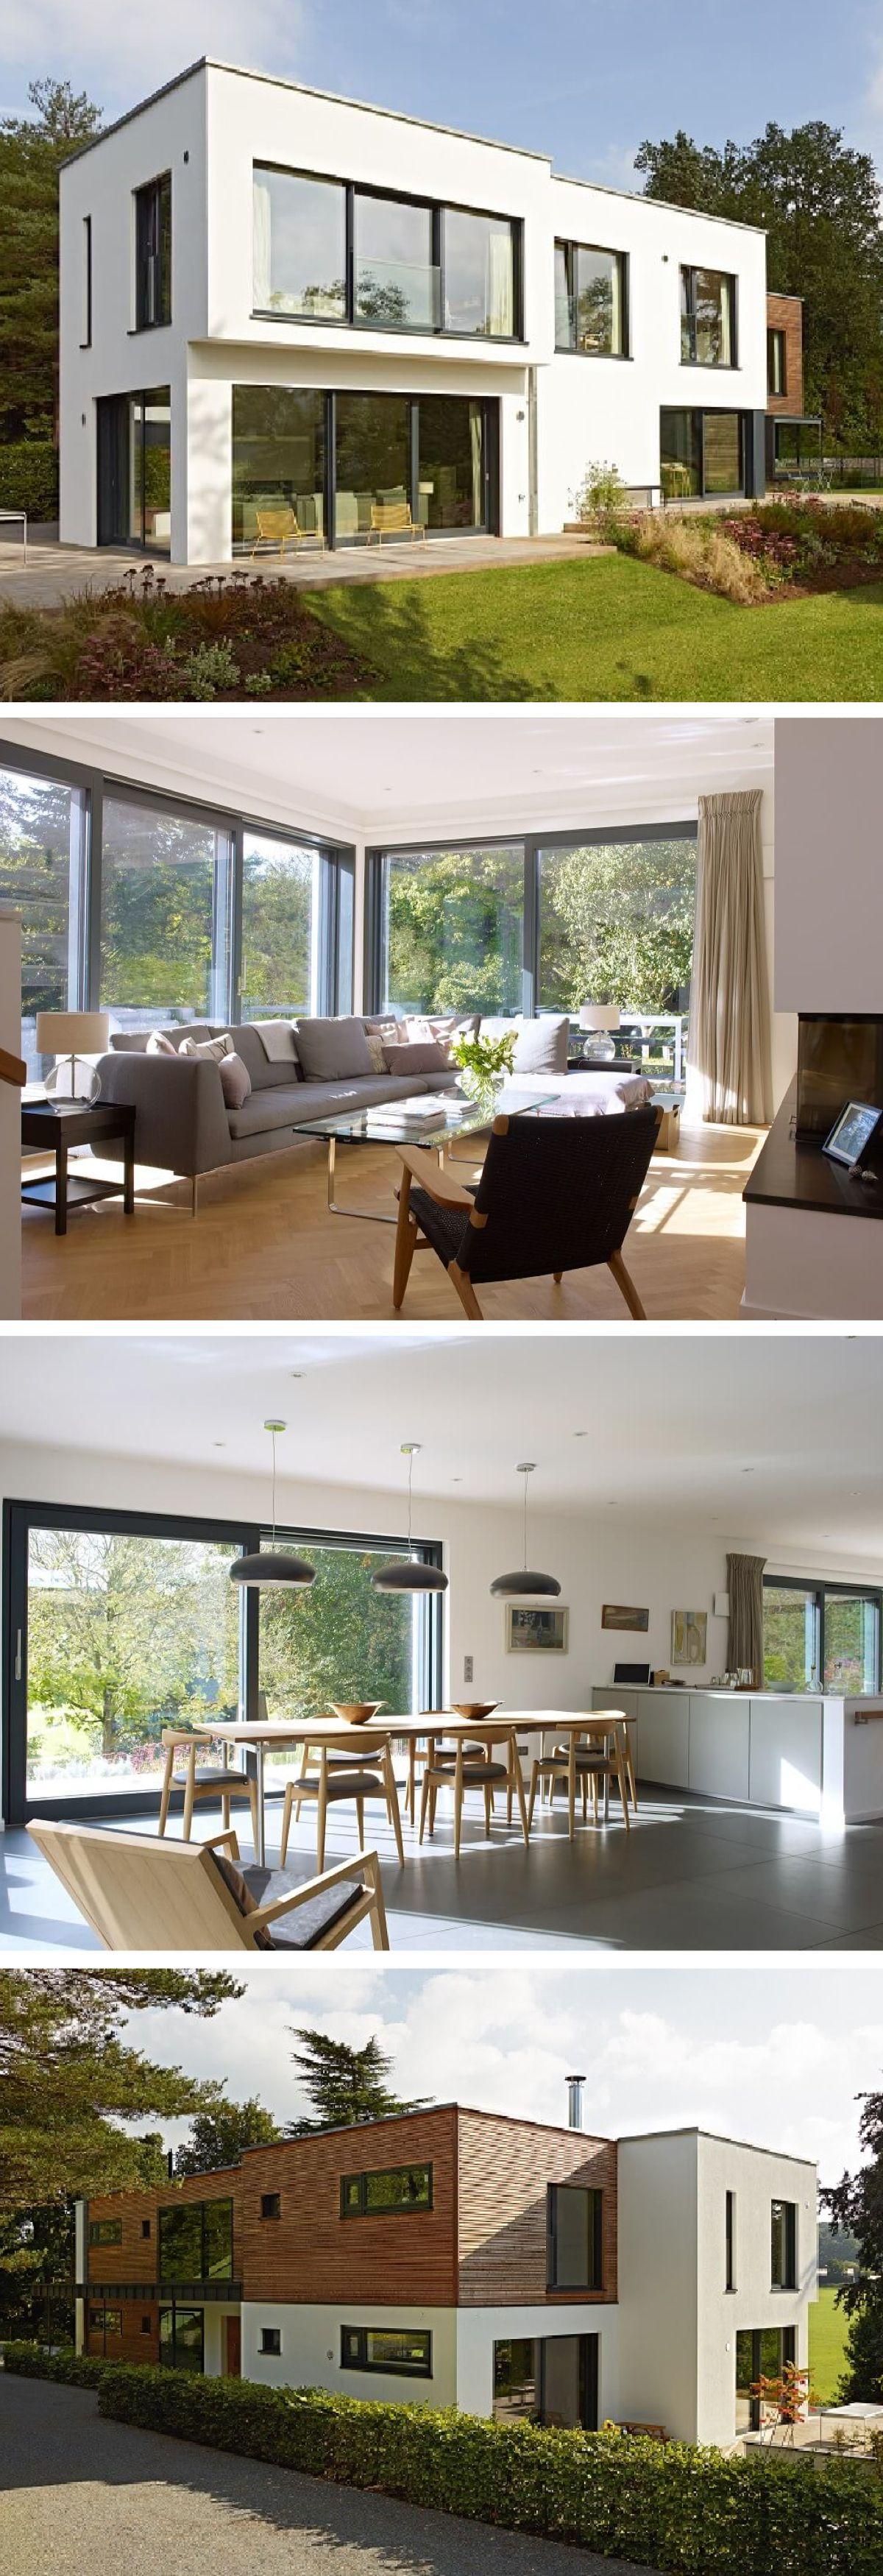 Design-Haus modern im Bauhausstil mit Flachdach und Holzfassade ...